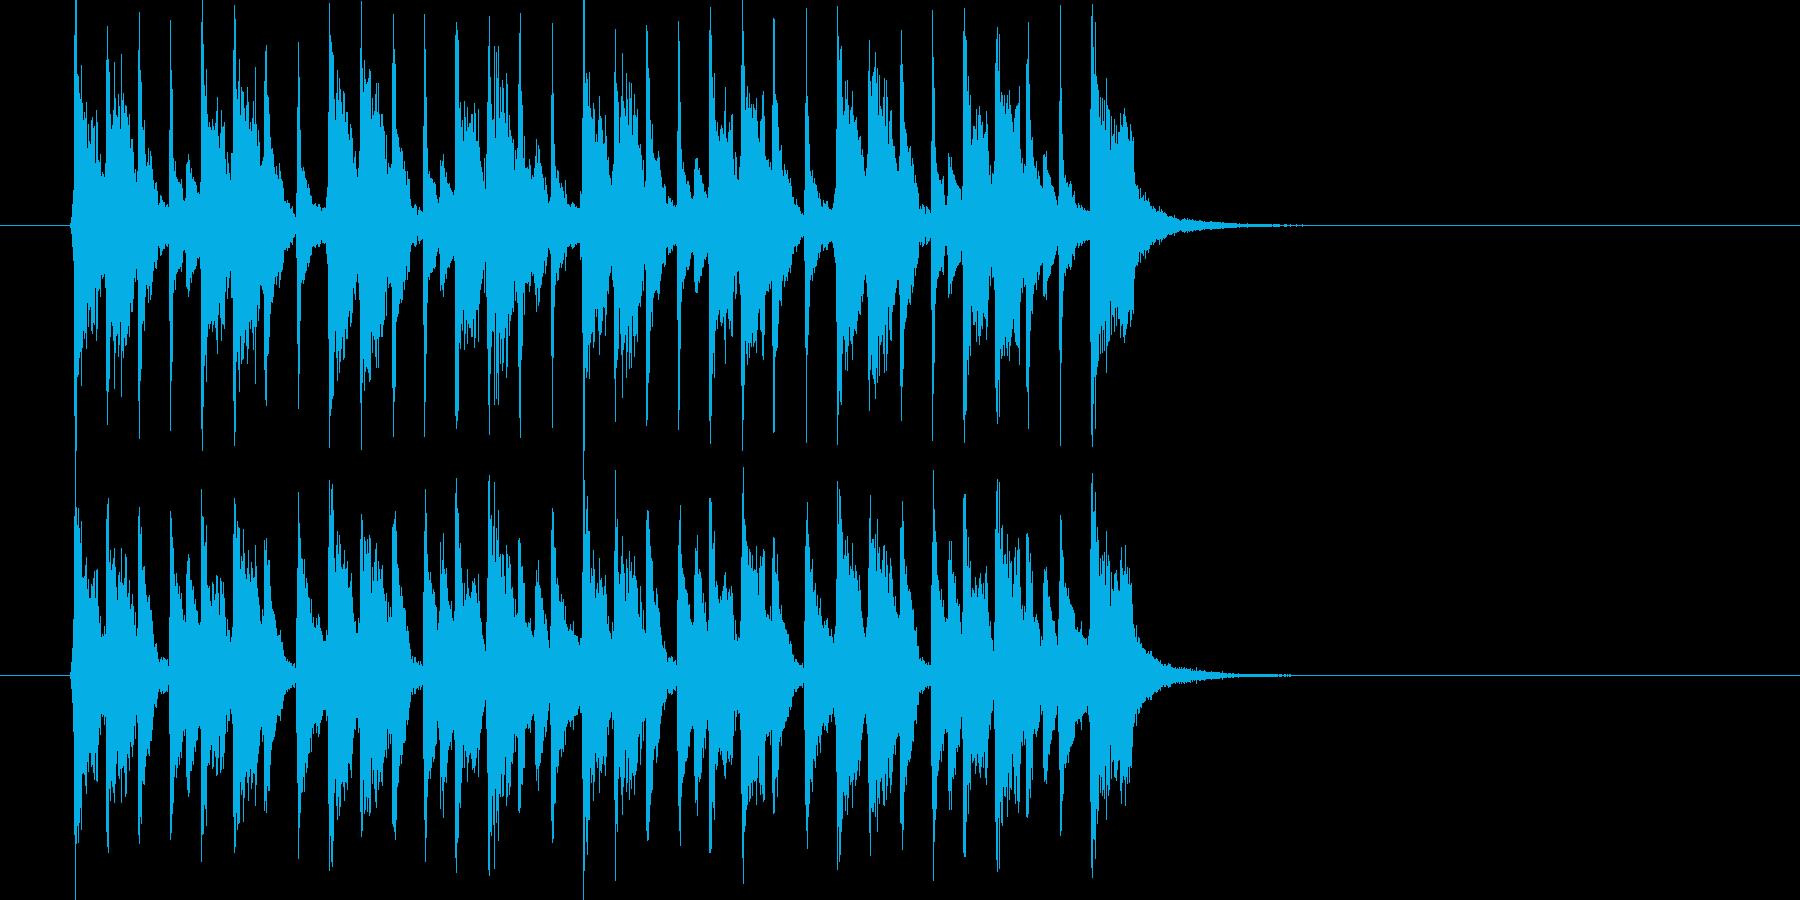 制限時間が迫るイメージのテクノポップの再生済みの波形